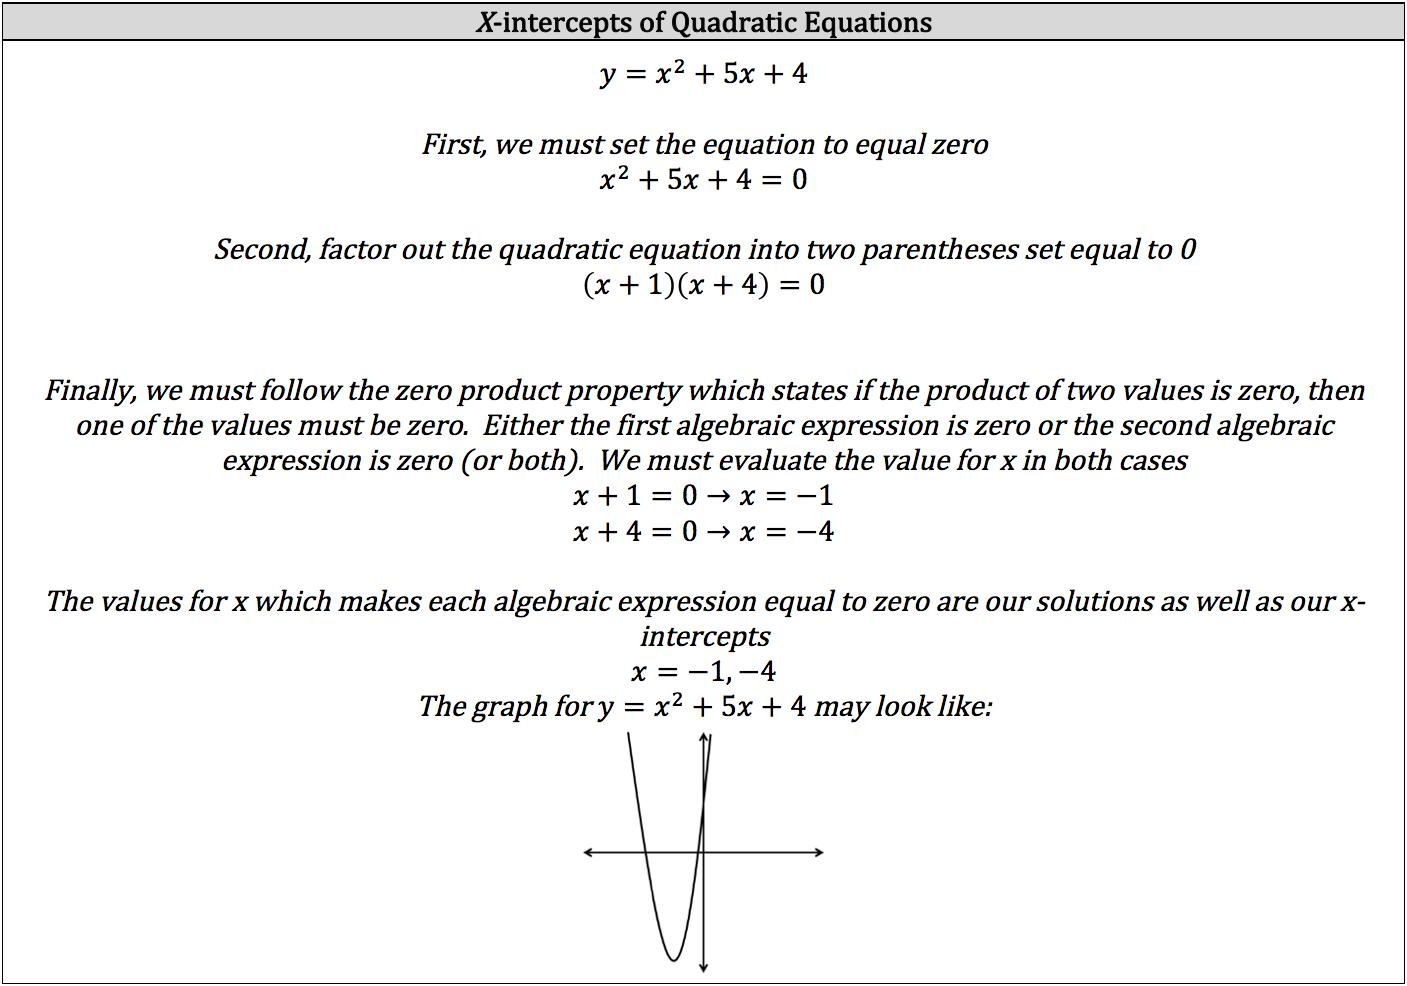 x-intercepts-of-quadratic-equations